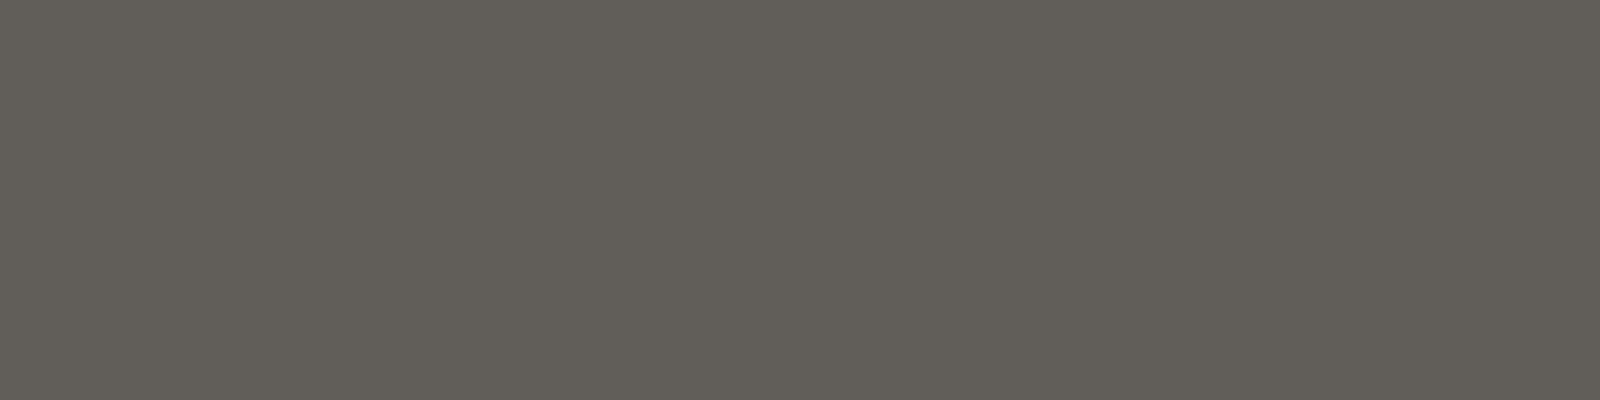 511 Terratone Color